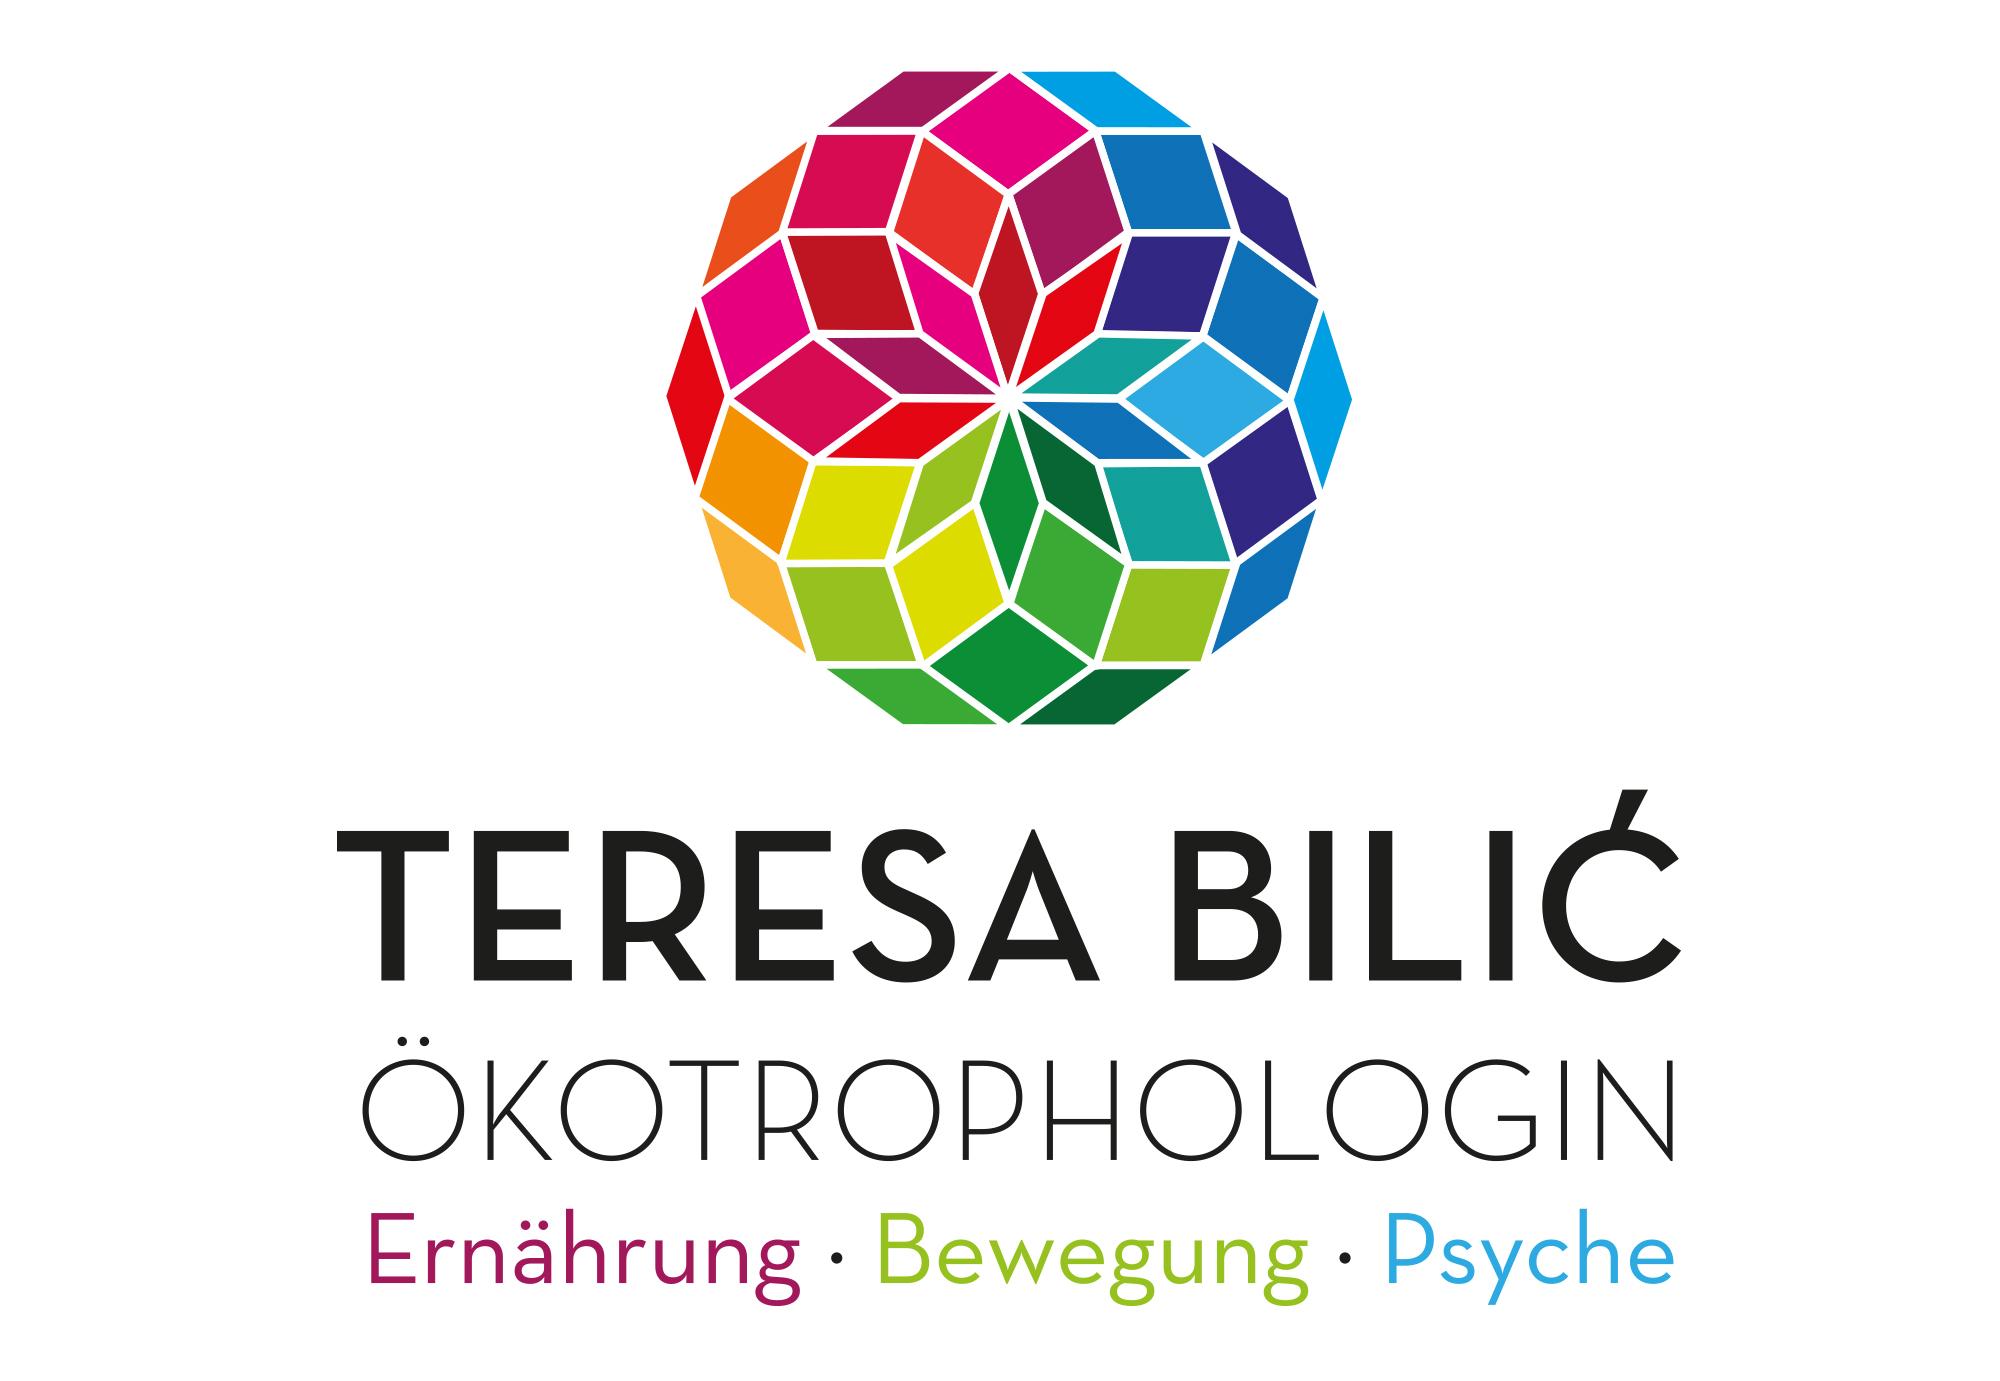 Teresa Bilic – Ökotrophologin